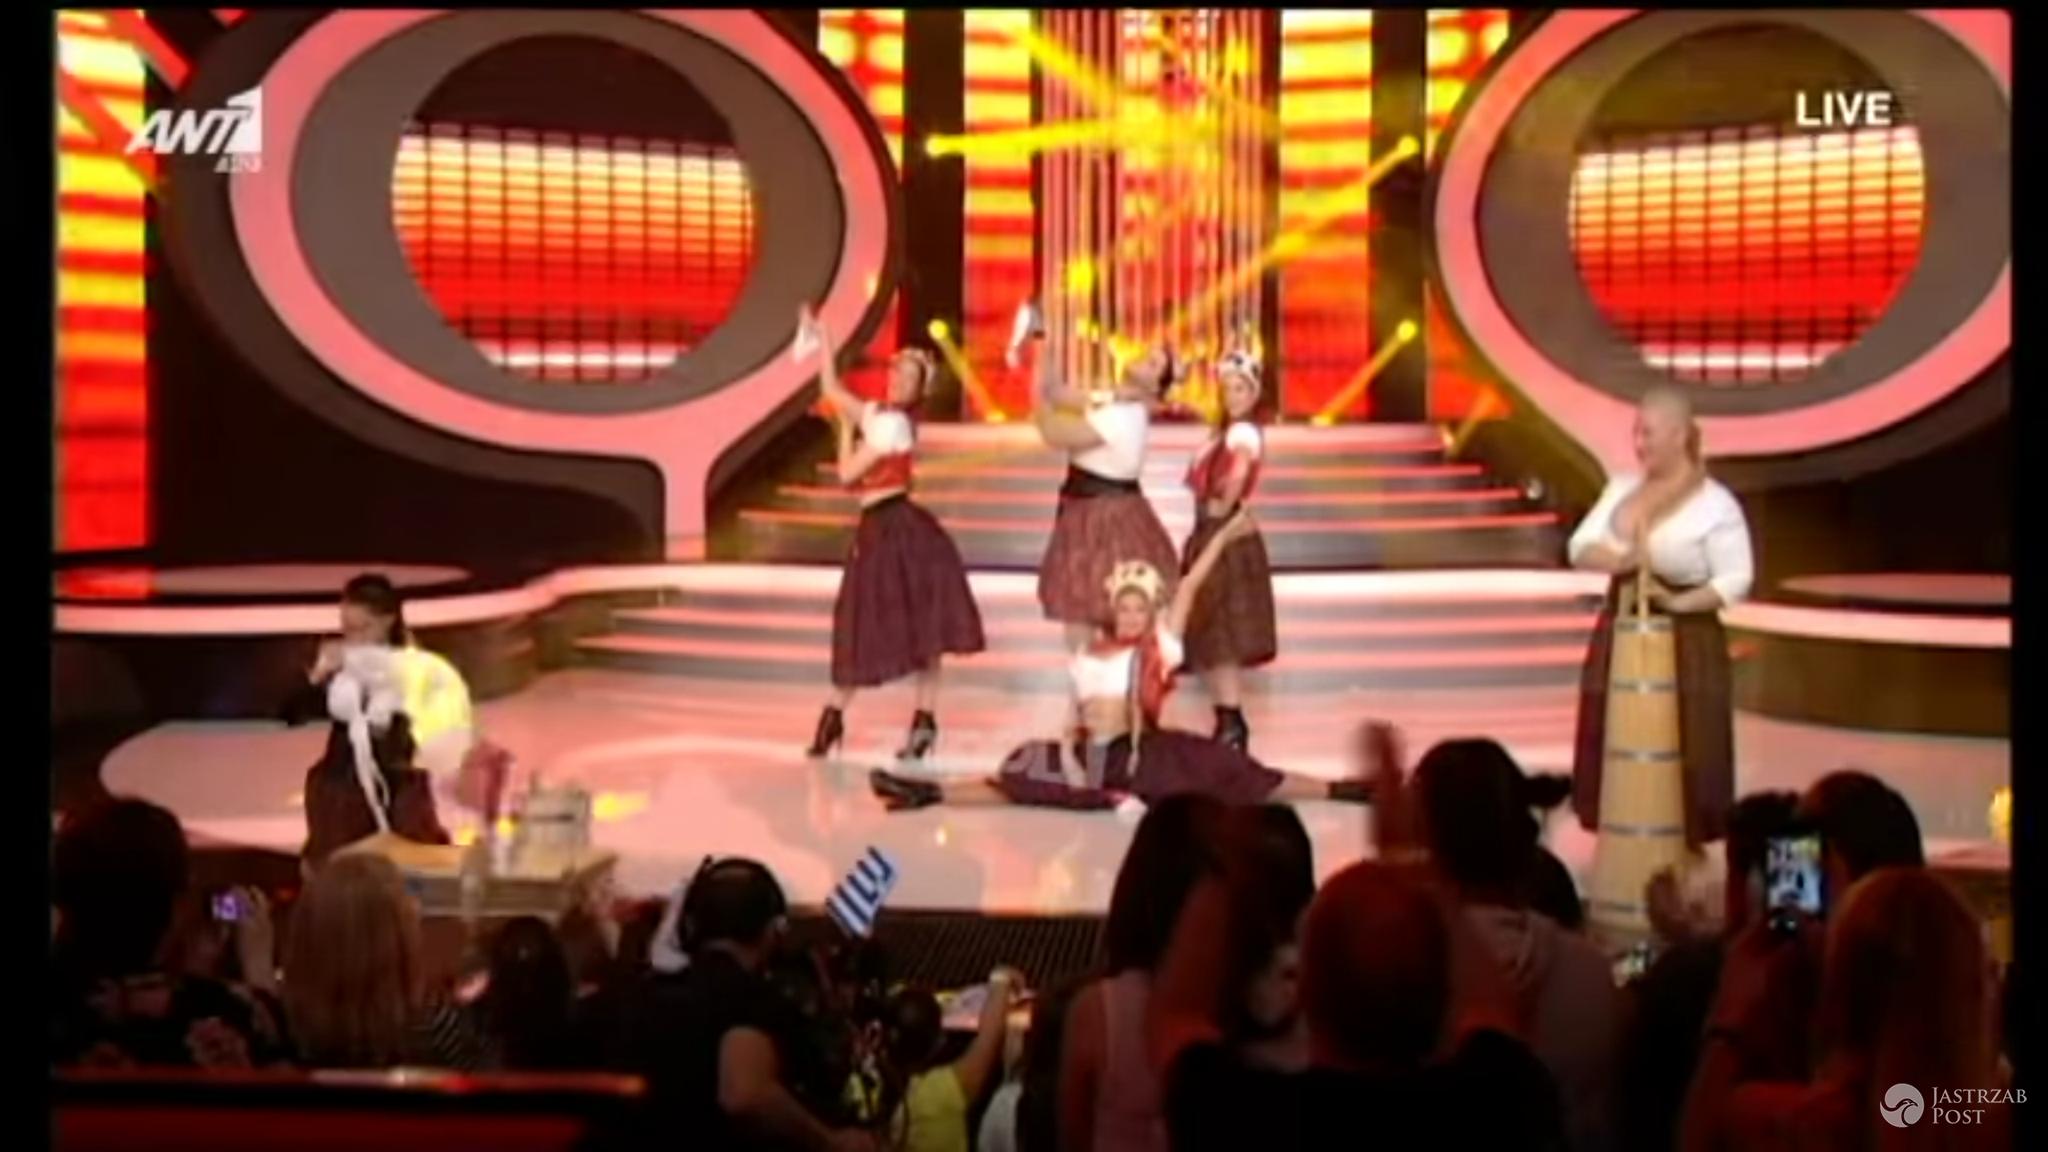 Występ Cleo z Eurowizji 2014 w greckiej Twojej Twarzy